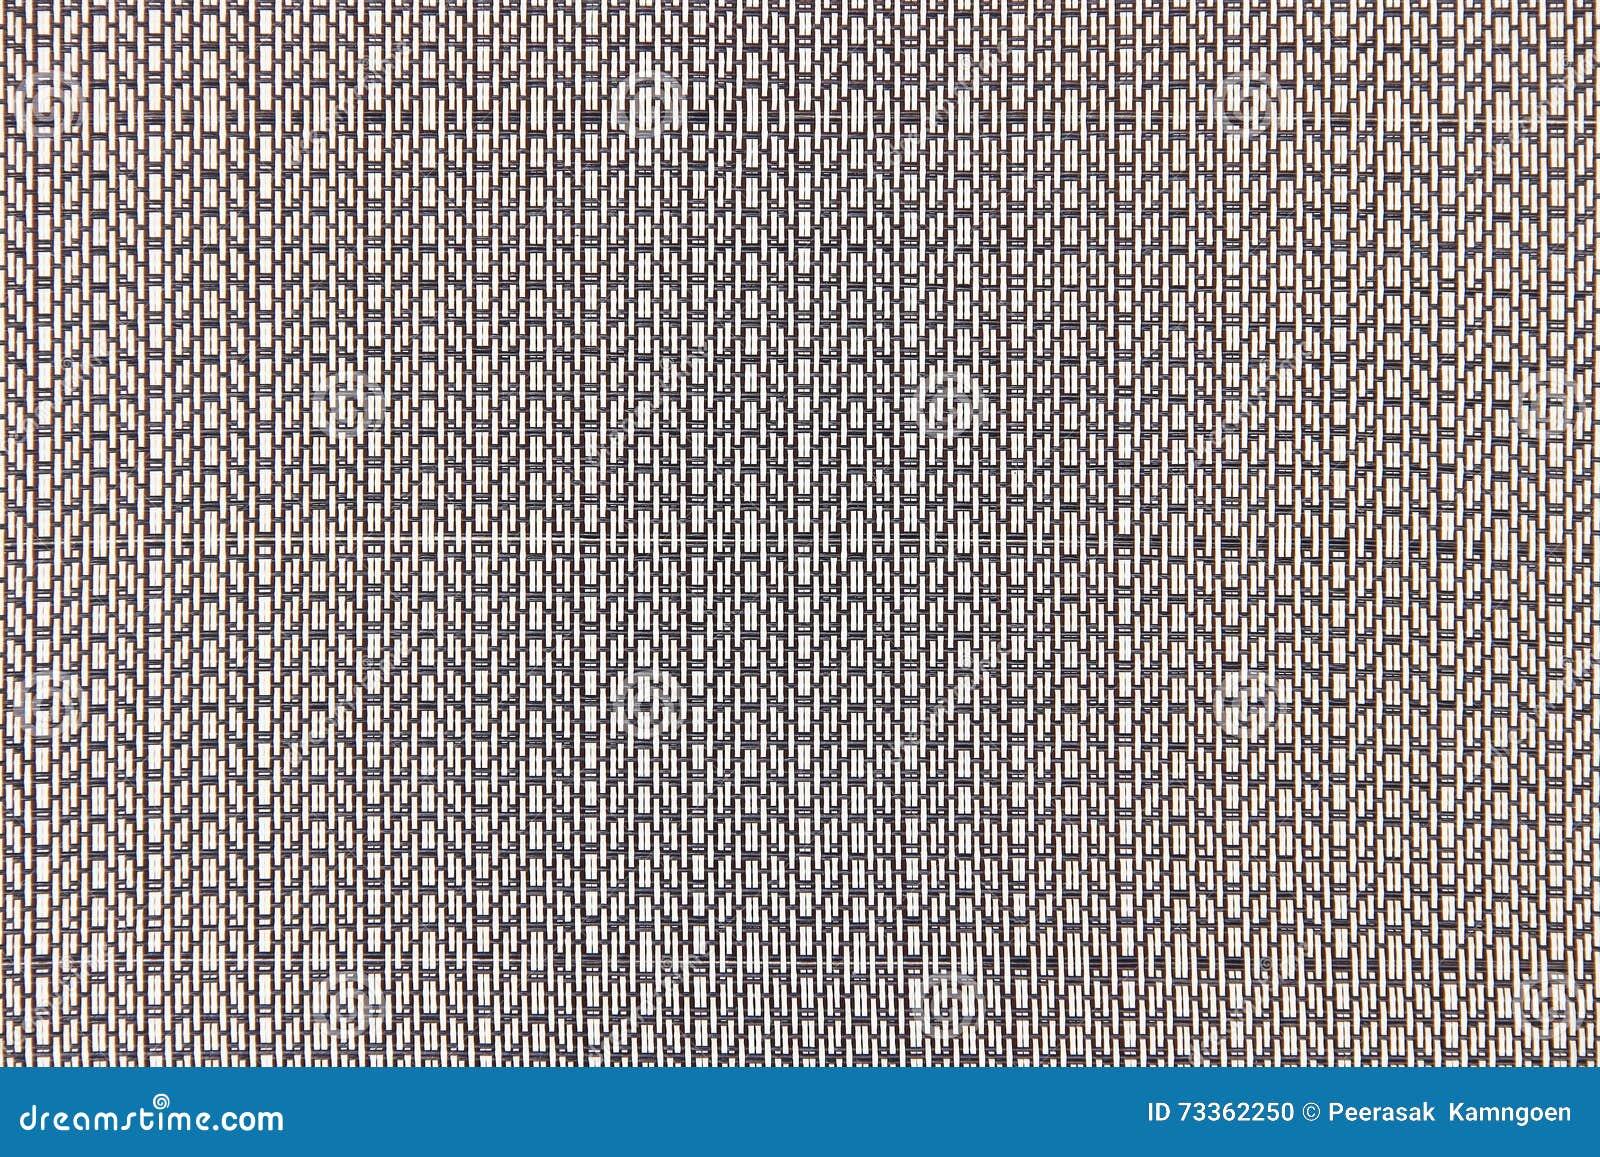 tapis noir et blanc en bambou de paille en tant que fond abstrait de texture photo stock image. Black Bedroom Furniture Sets. Home Design Ideas